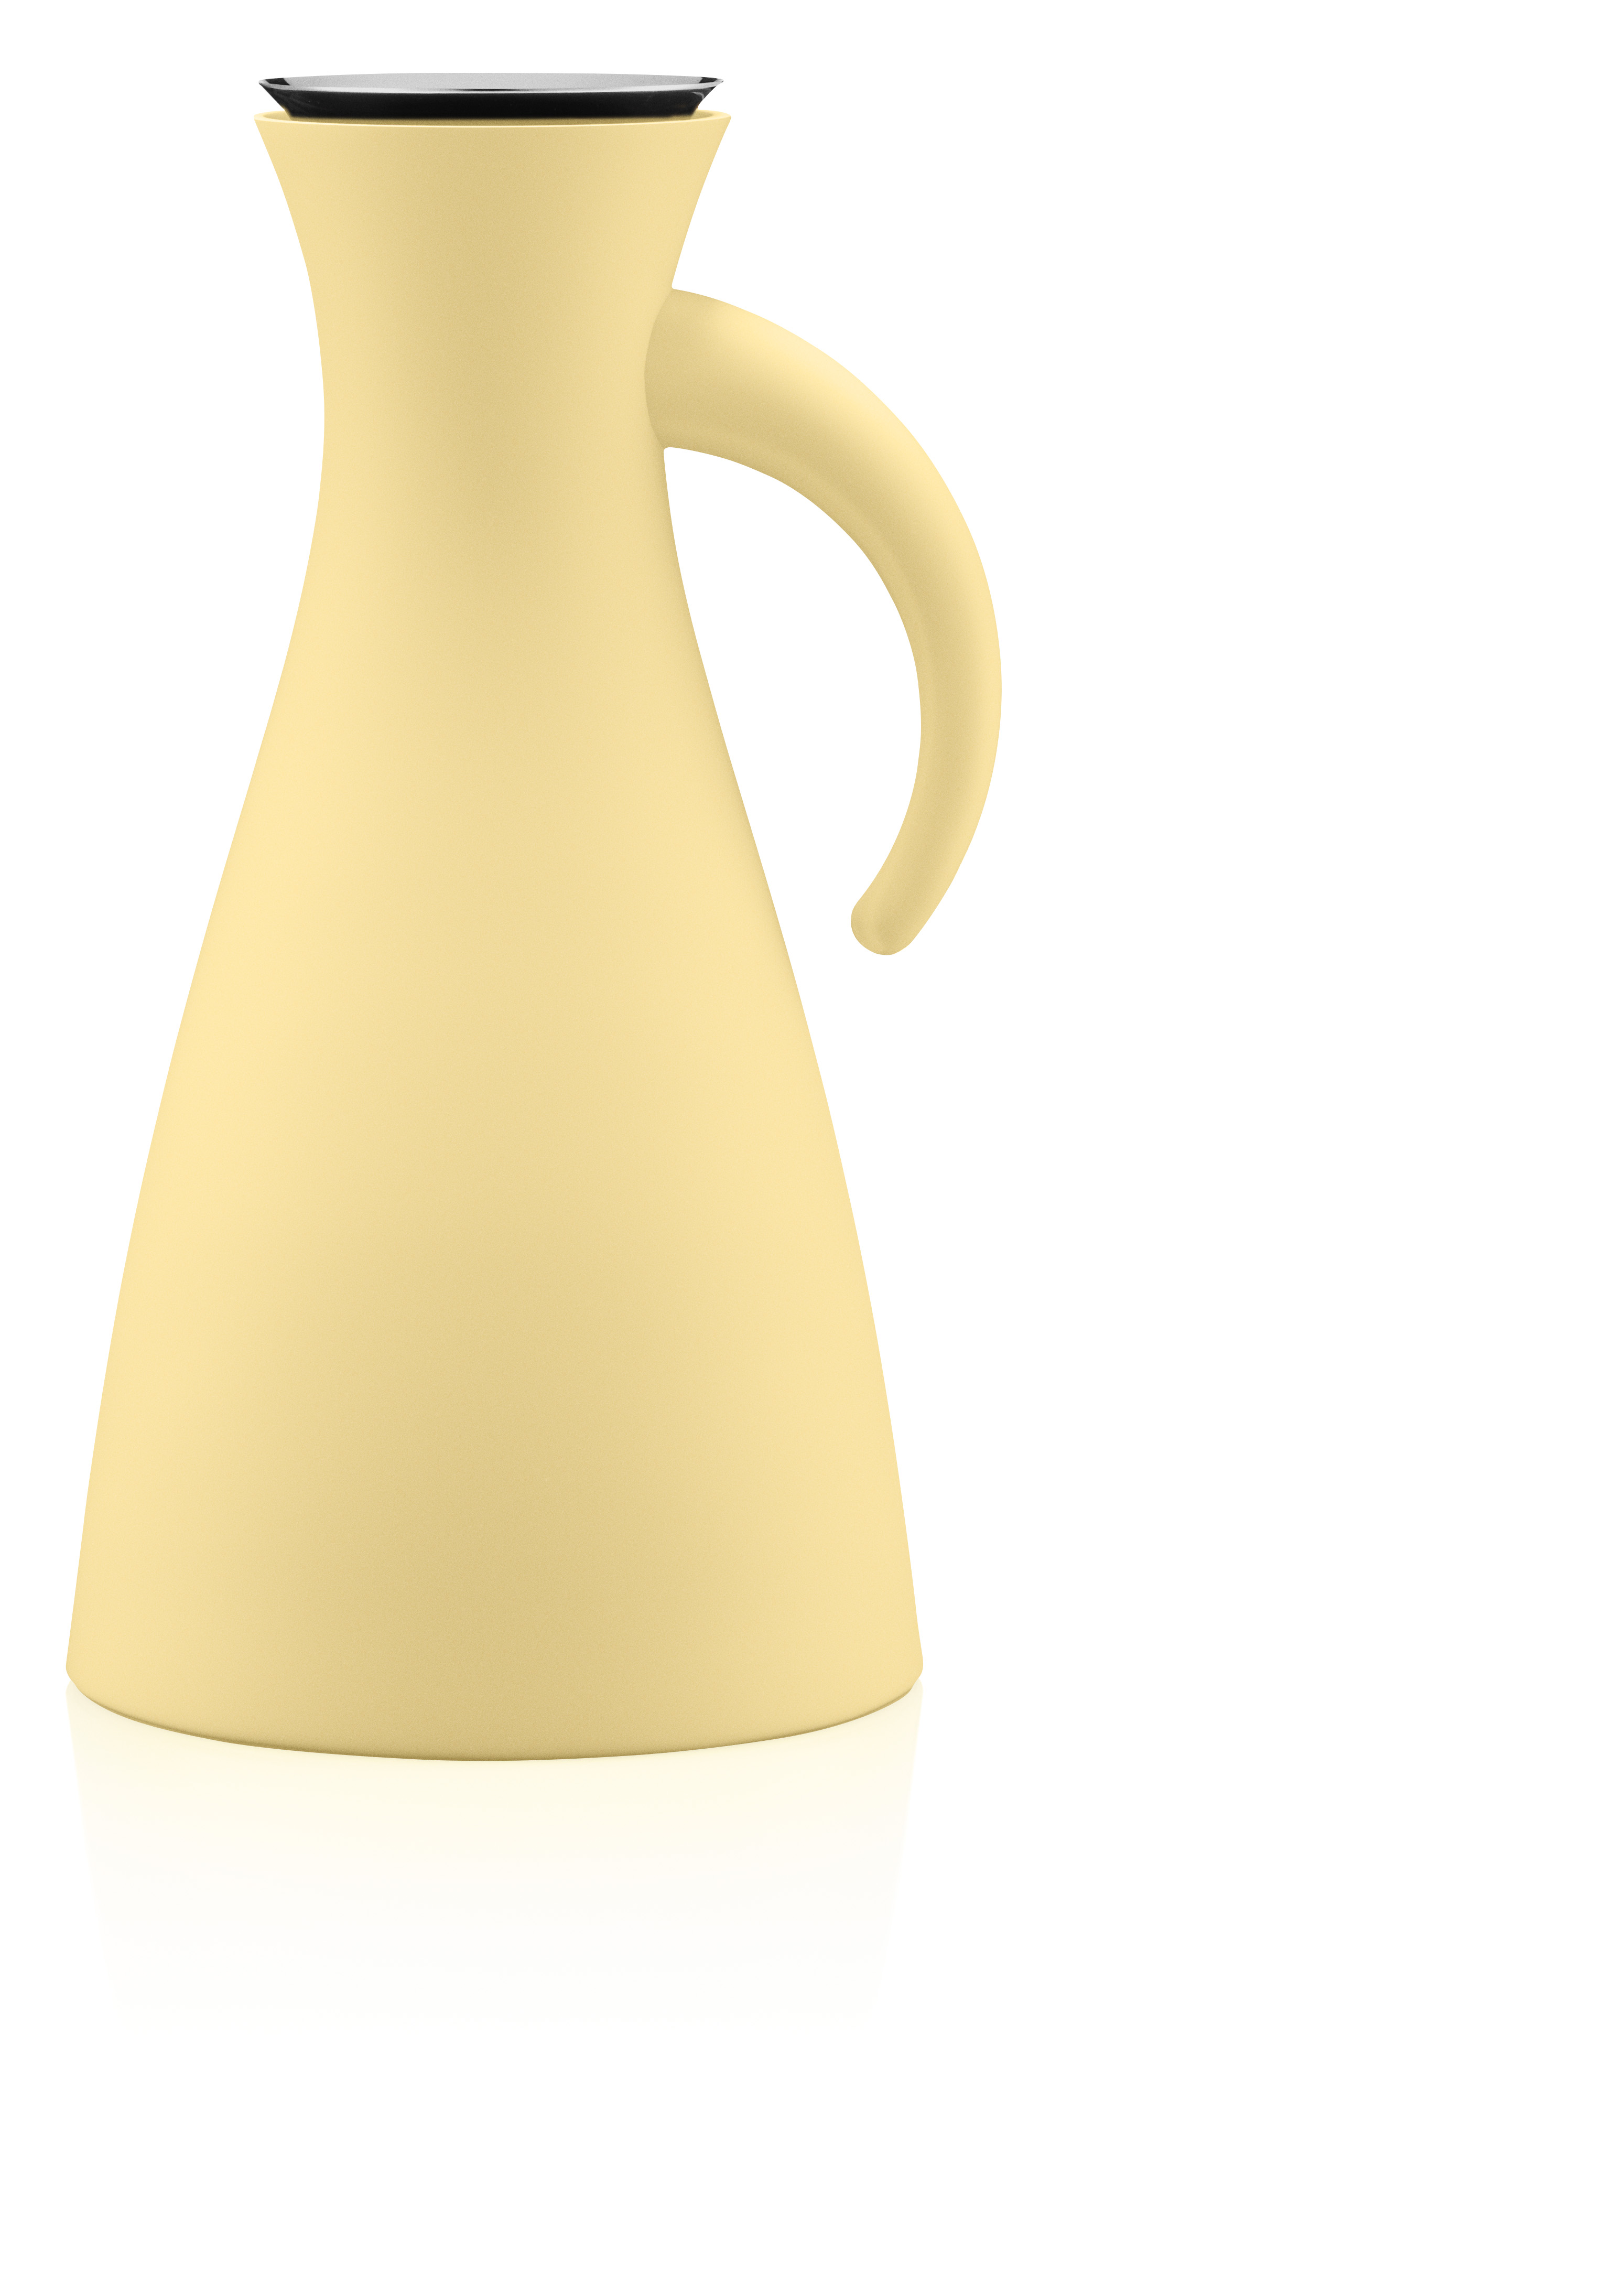 Eva Solo termokande, 1 liter, lemon drop